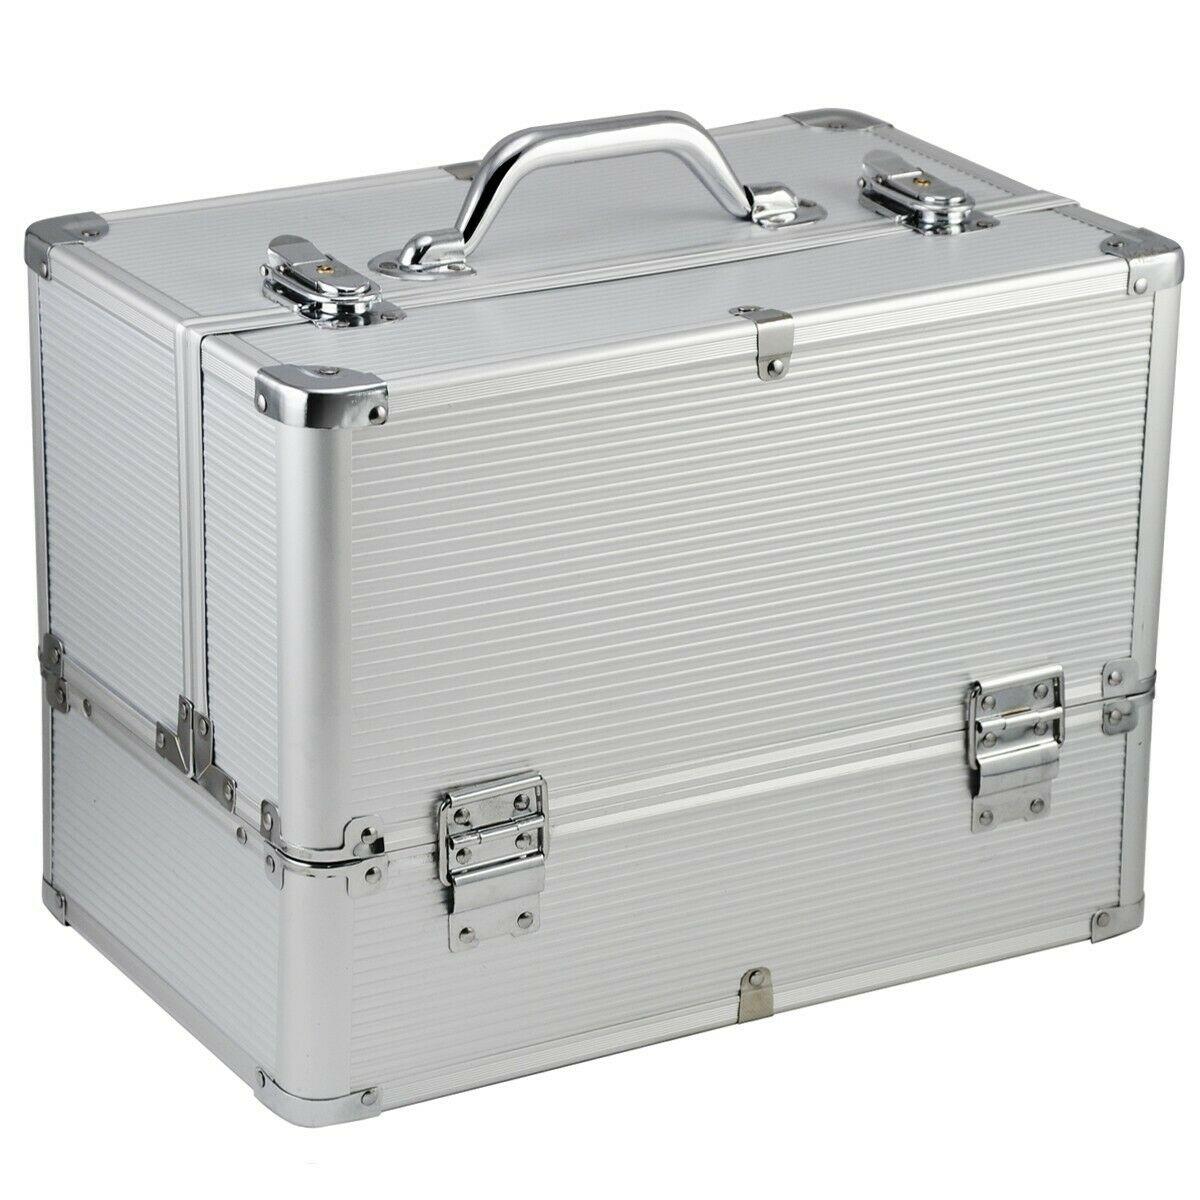 Ráj nehtů Kosmetický kufr LUXURY - XL, stříbrný